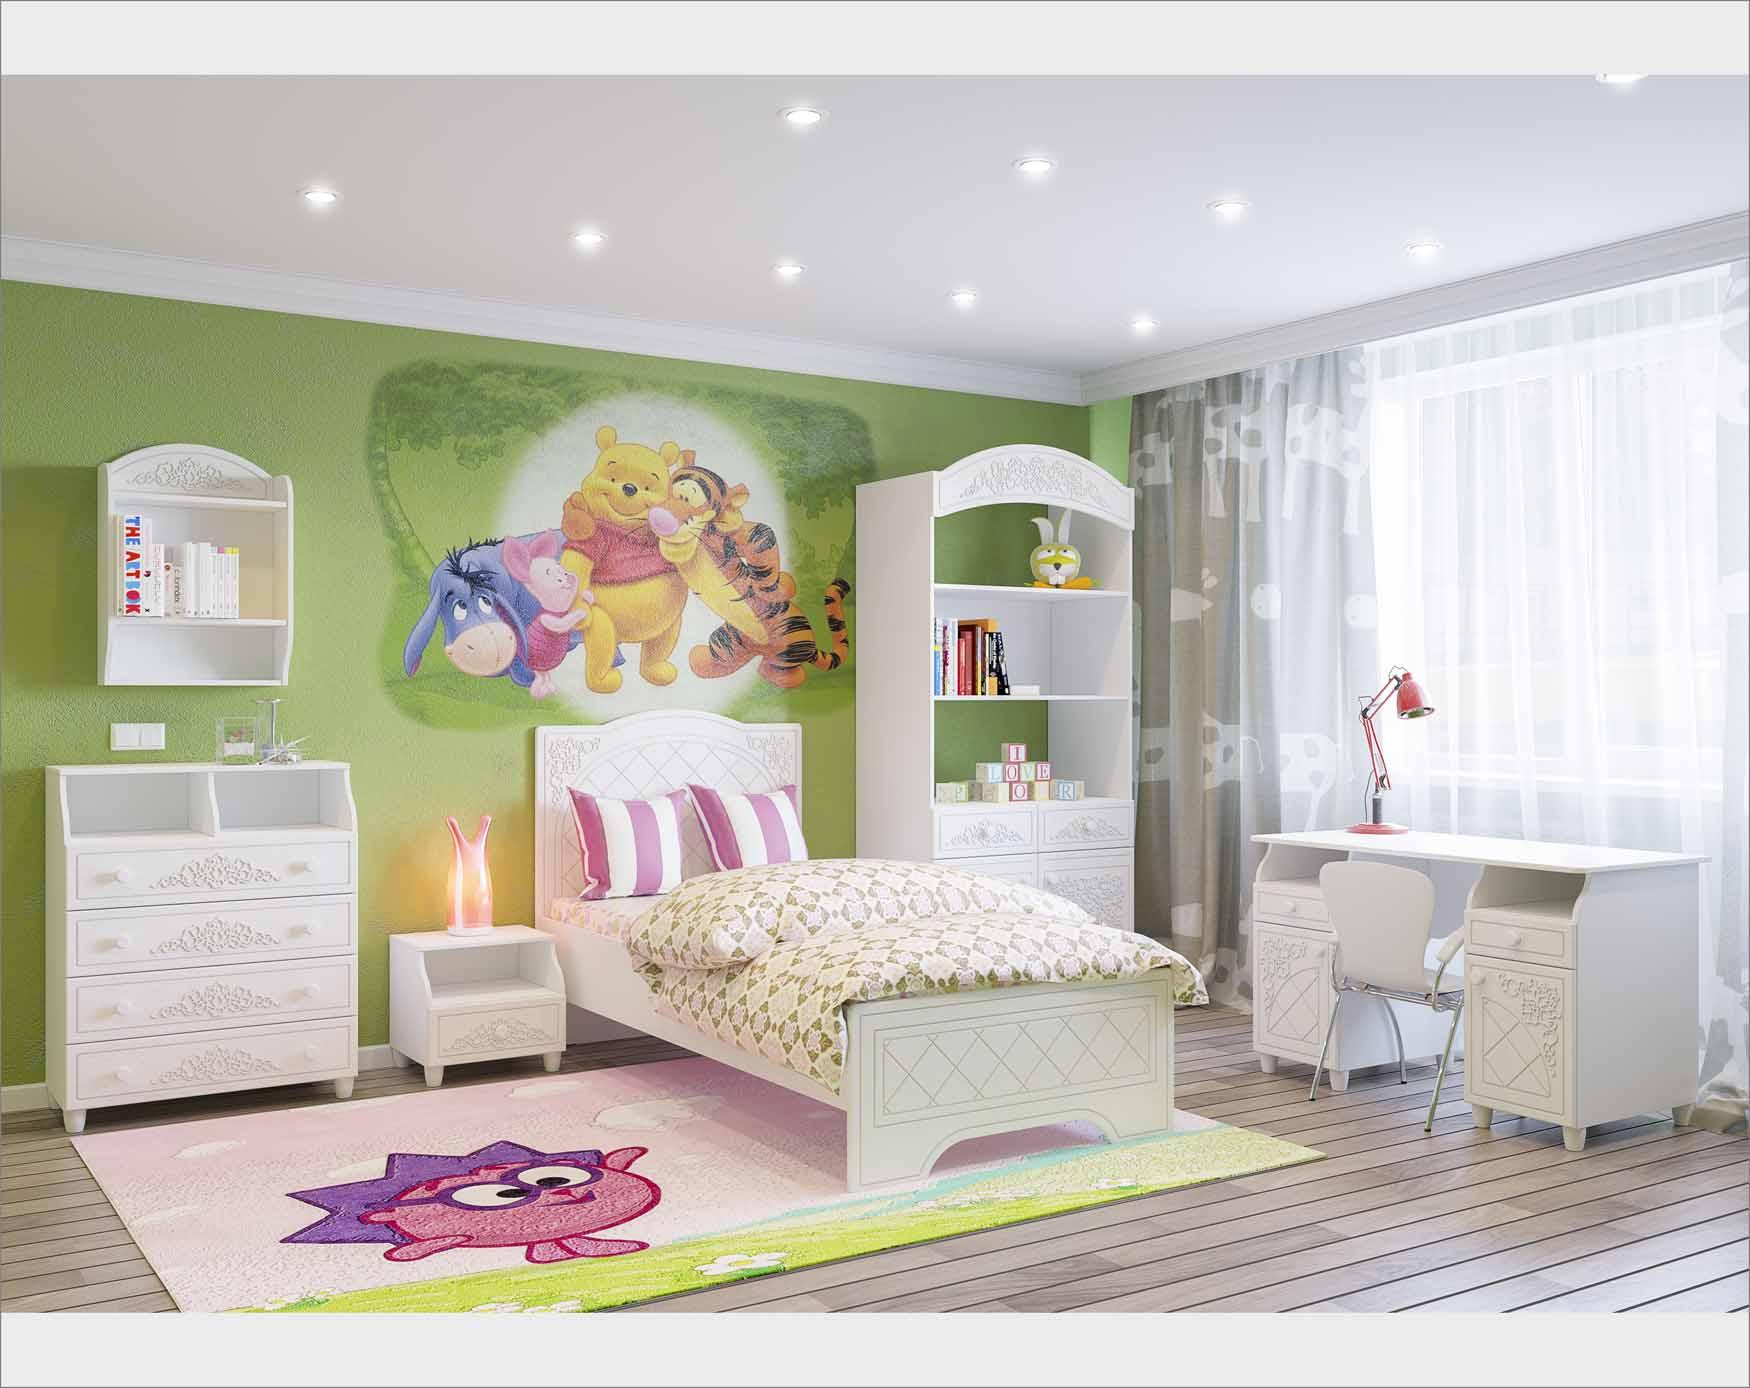 Практичная мебель белого цвета для детской